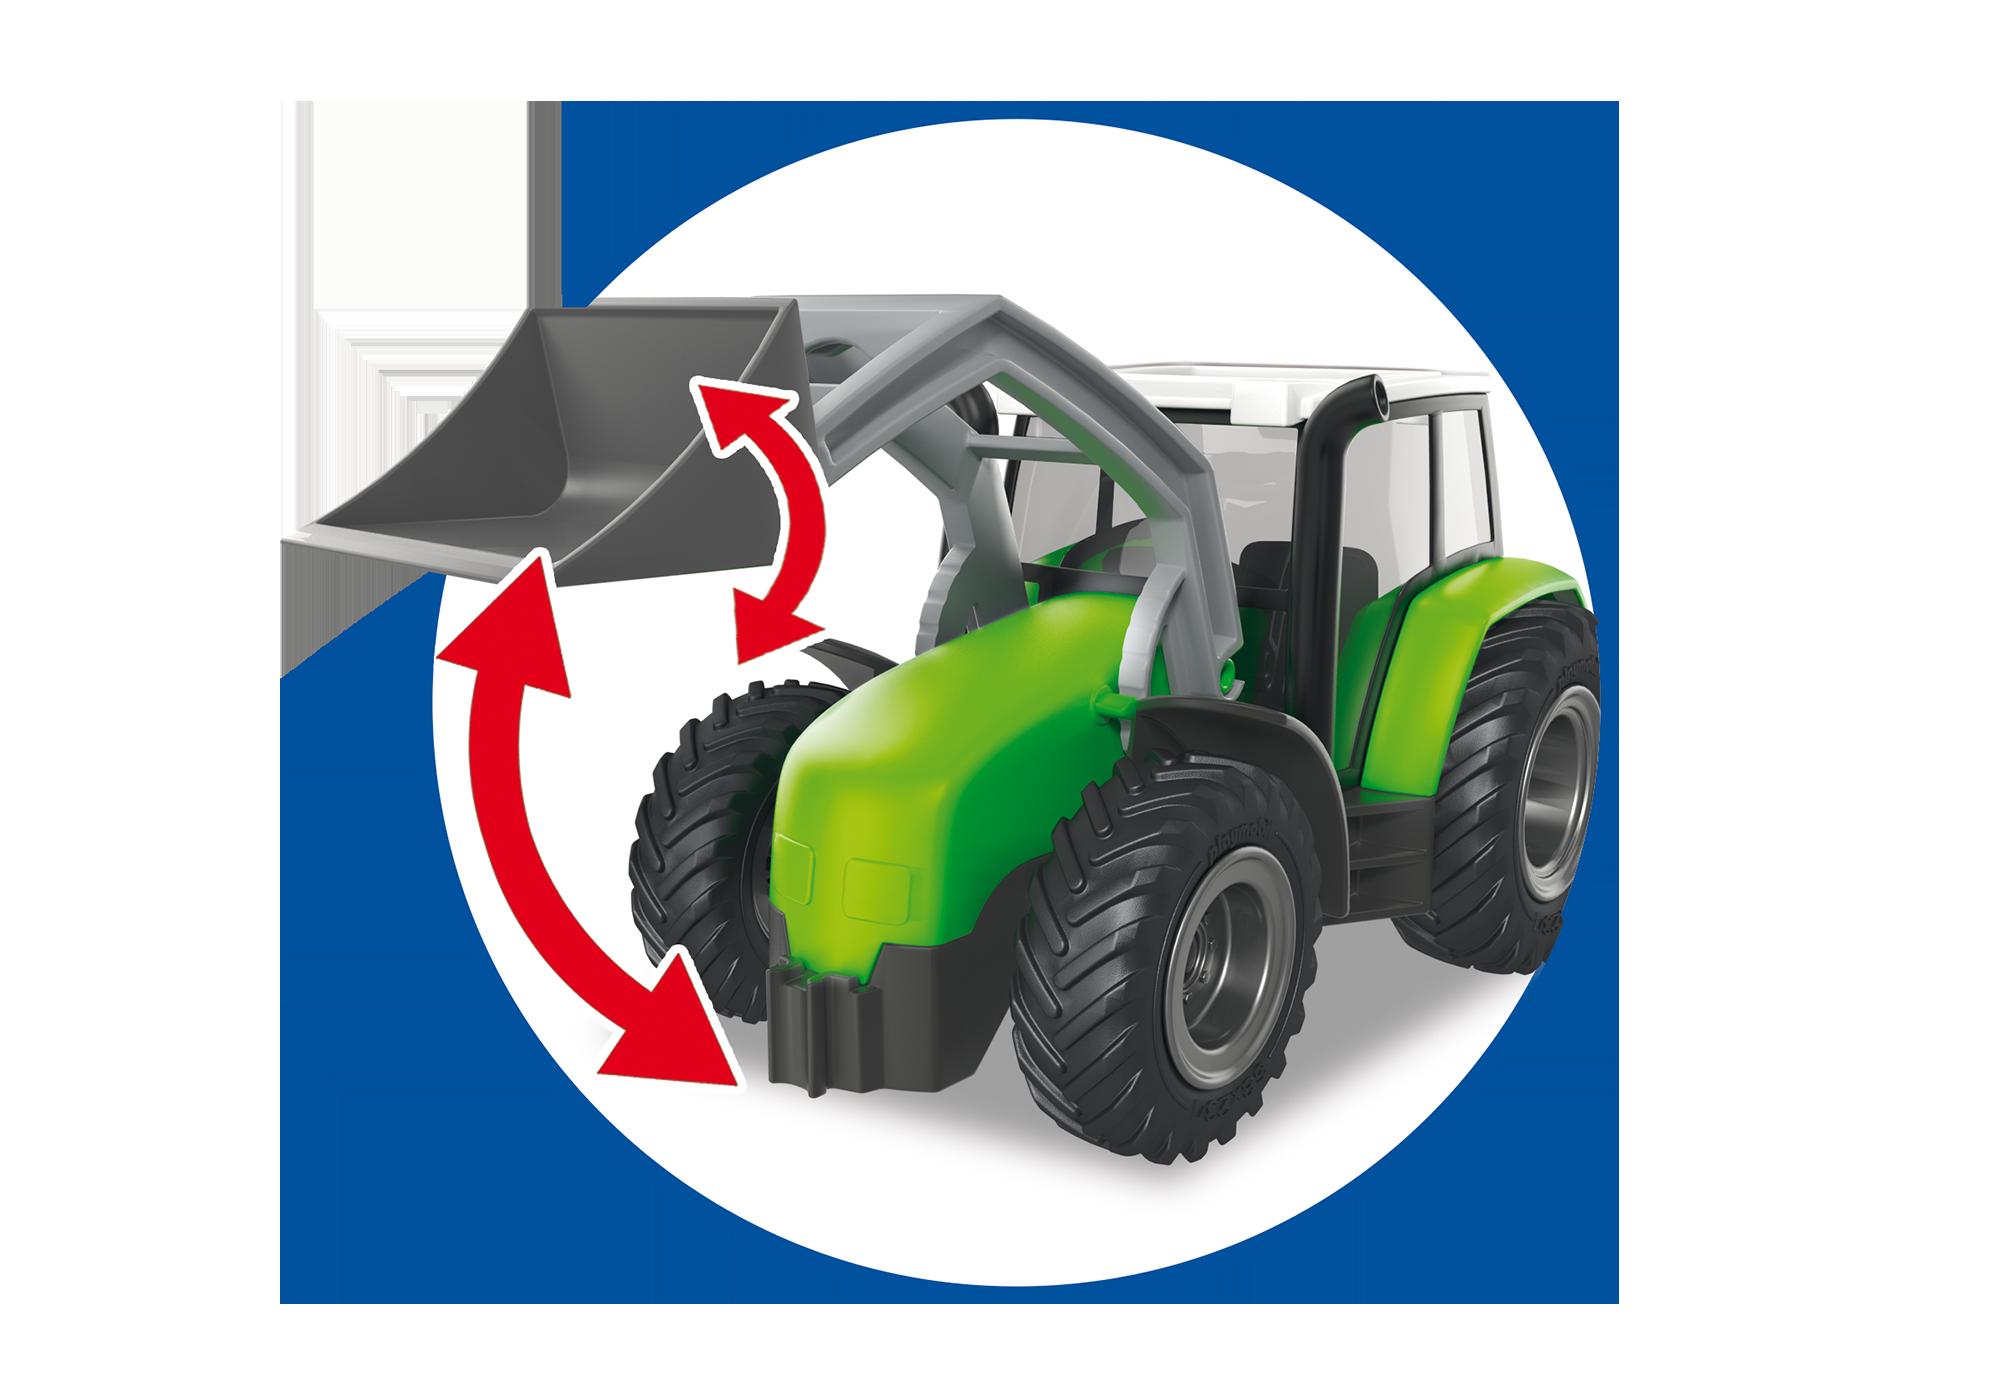 http://media.playmobil.com/i/playmobil/6130_product_extra5/Tracteur avec pelle et remorque